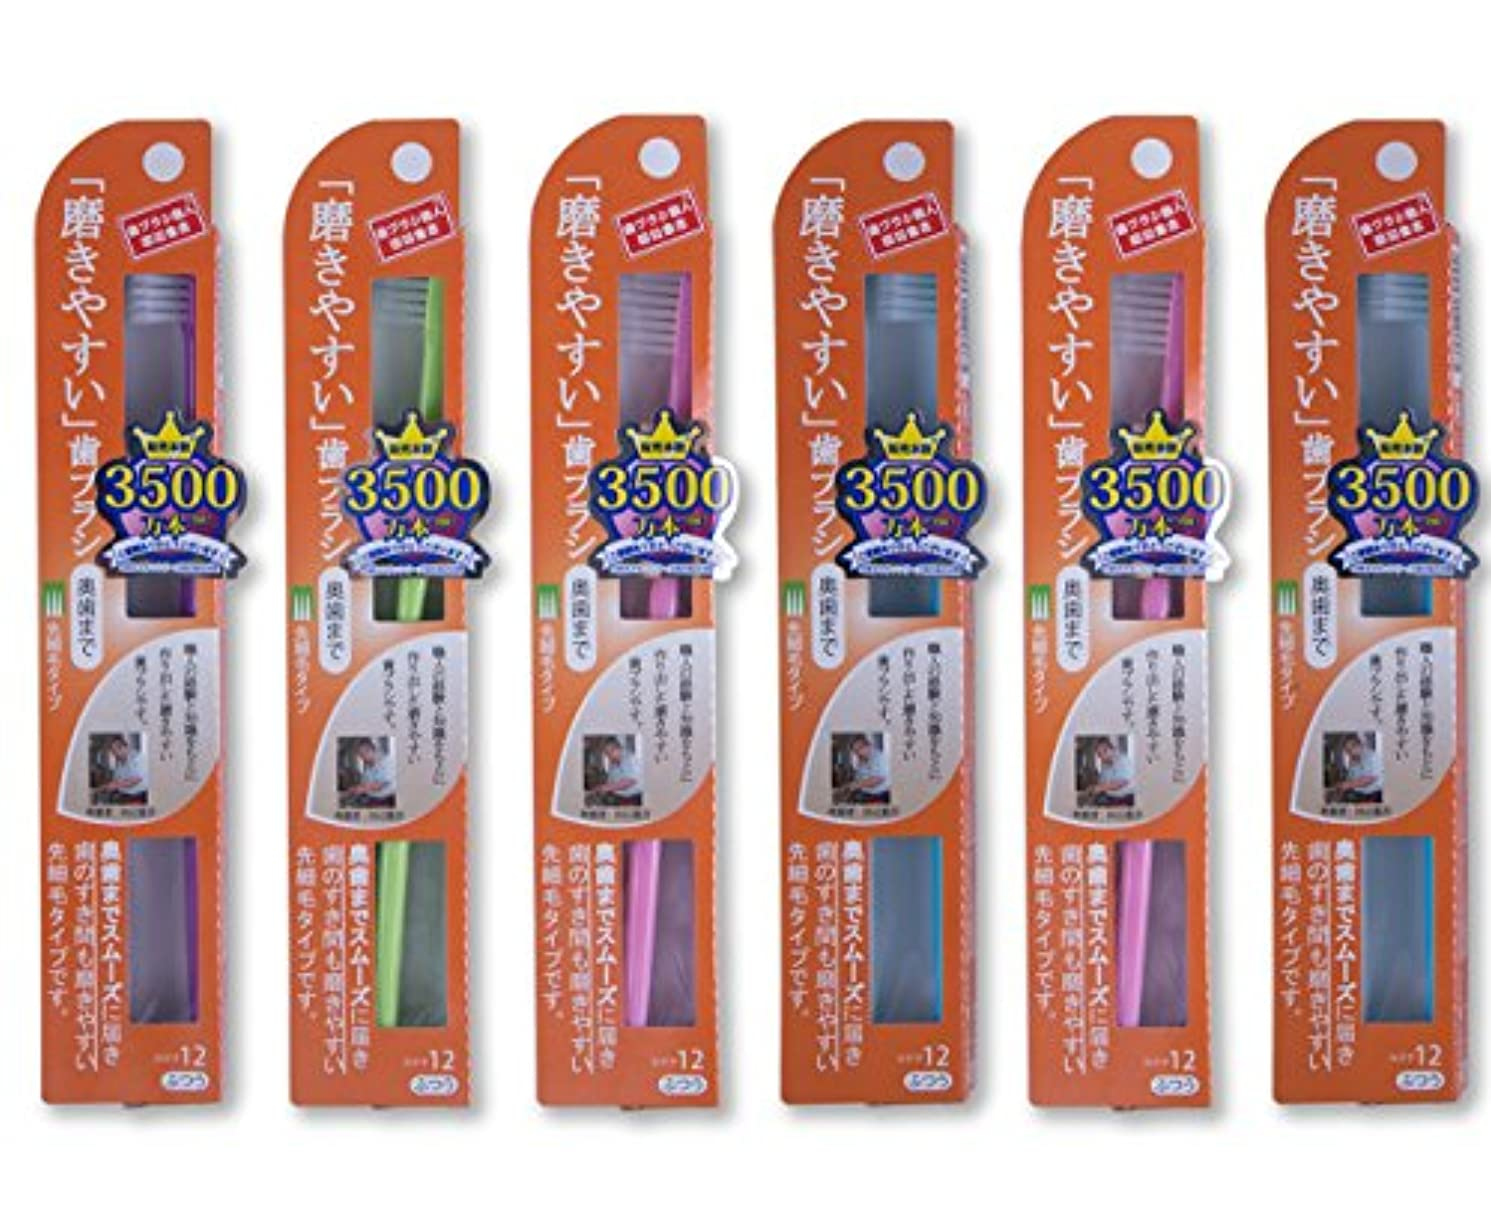 入札佐賀シャット歯ブラシ職人 Artooth® 田辺重吉  日本製 磨きやすい歯ブラシ(奥歯まで)先細 LT-12 (6本入)